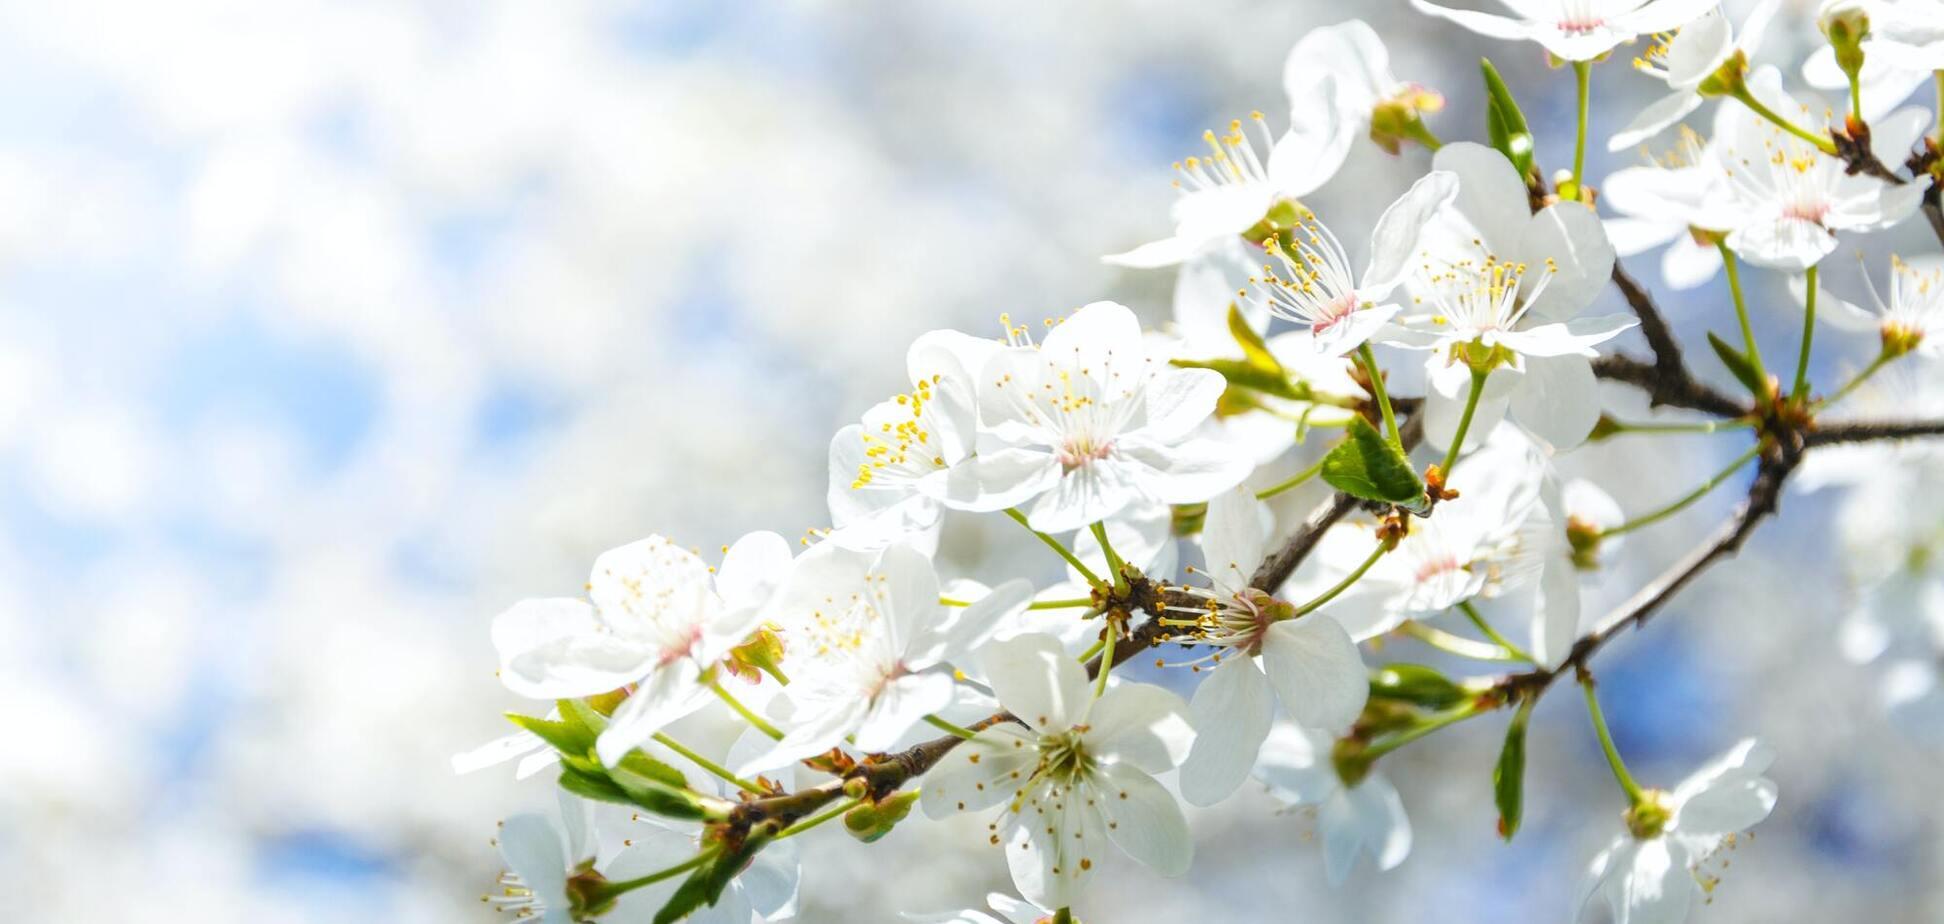 3 мая: праздники, приметы и именинники